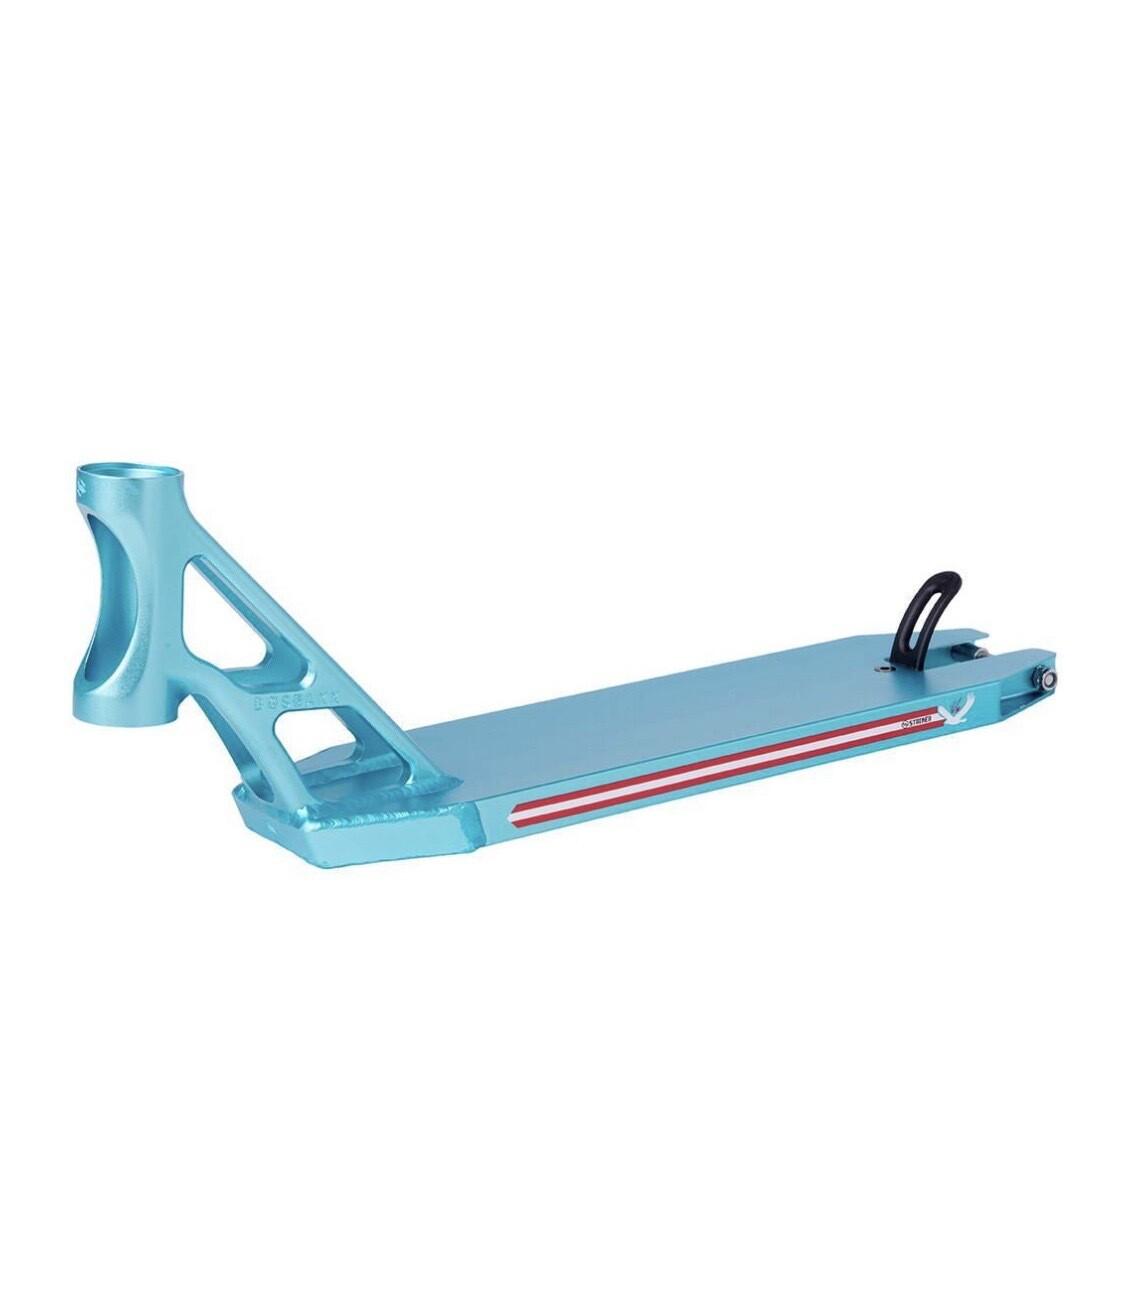 Striker Bgseakk Magnetite Pro Scooter Deck (Color: Teal)